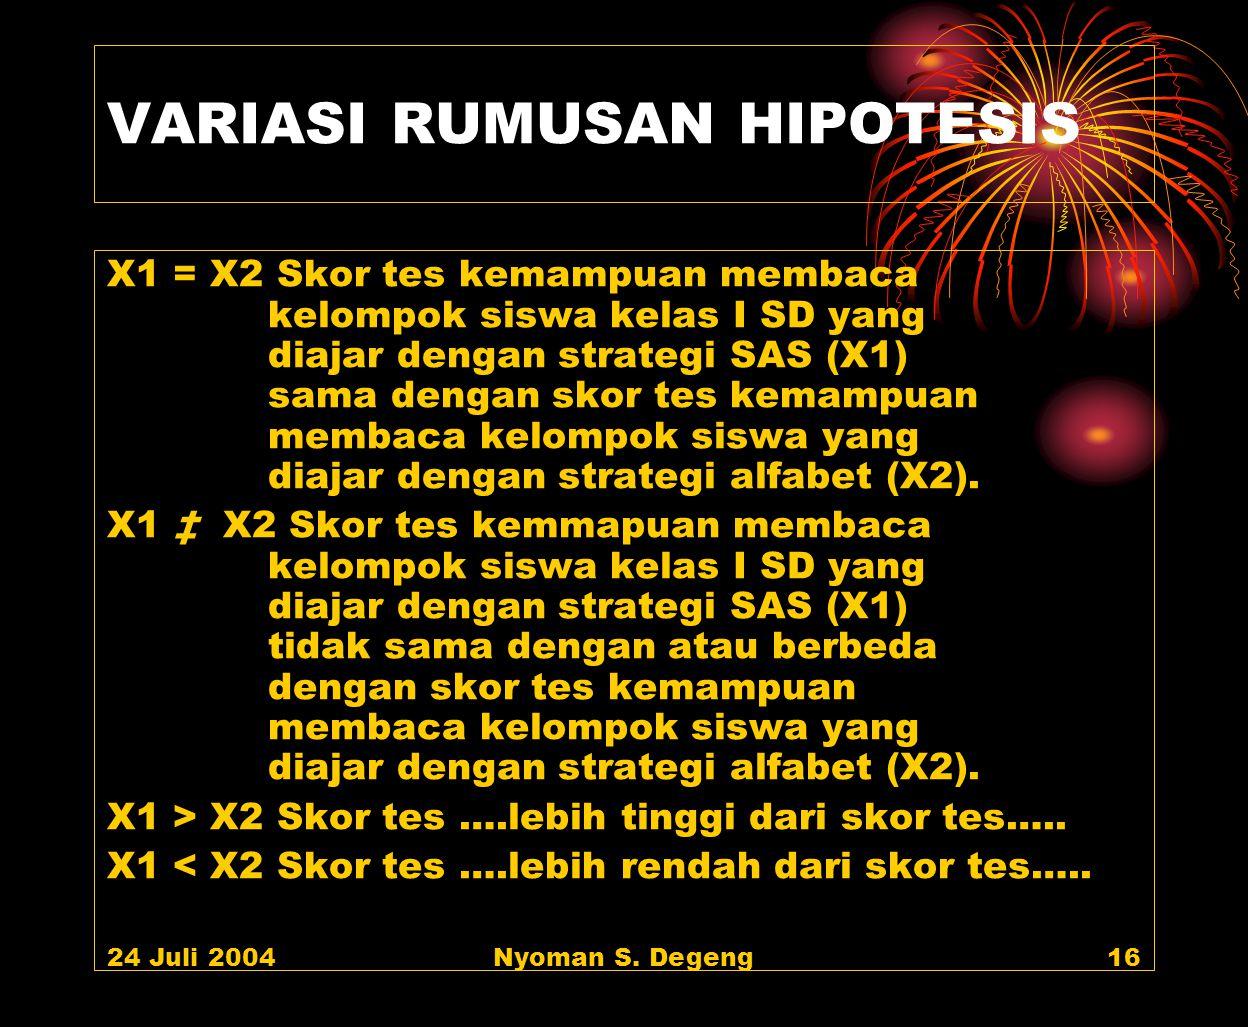 24 Juli 2004Nyoman S. Degeng15 RUMUSAN HIPOTESIS Rumusan hipotesis hendaknya mengungkapkan: (1) Variabel-variabel penelitian (2) Jenis hubungan antar